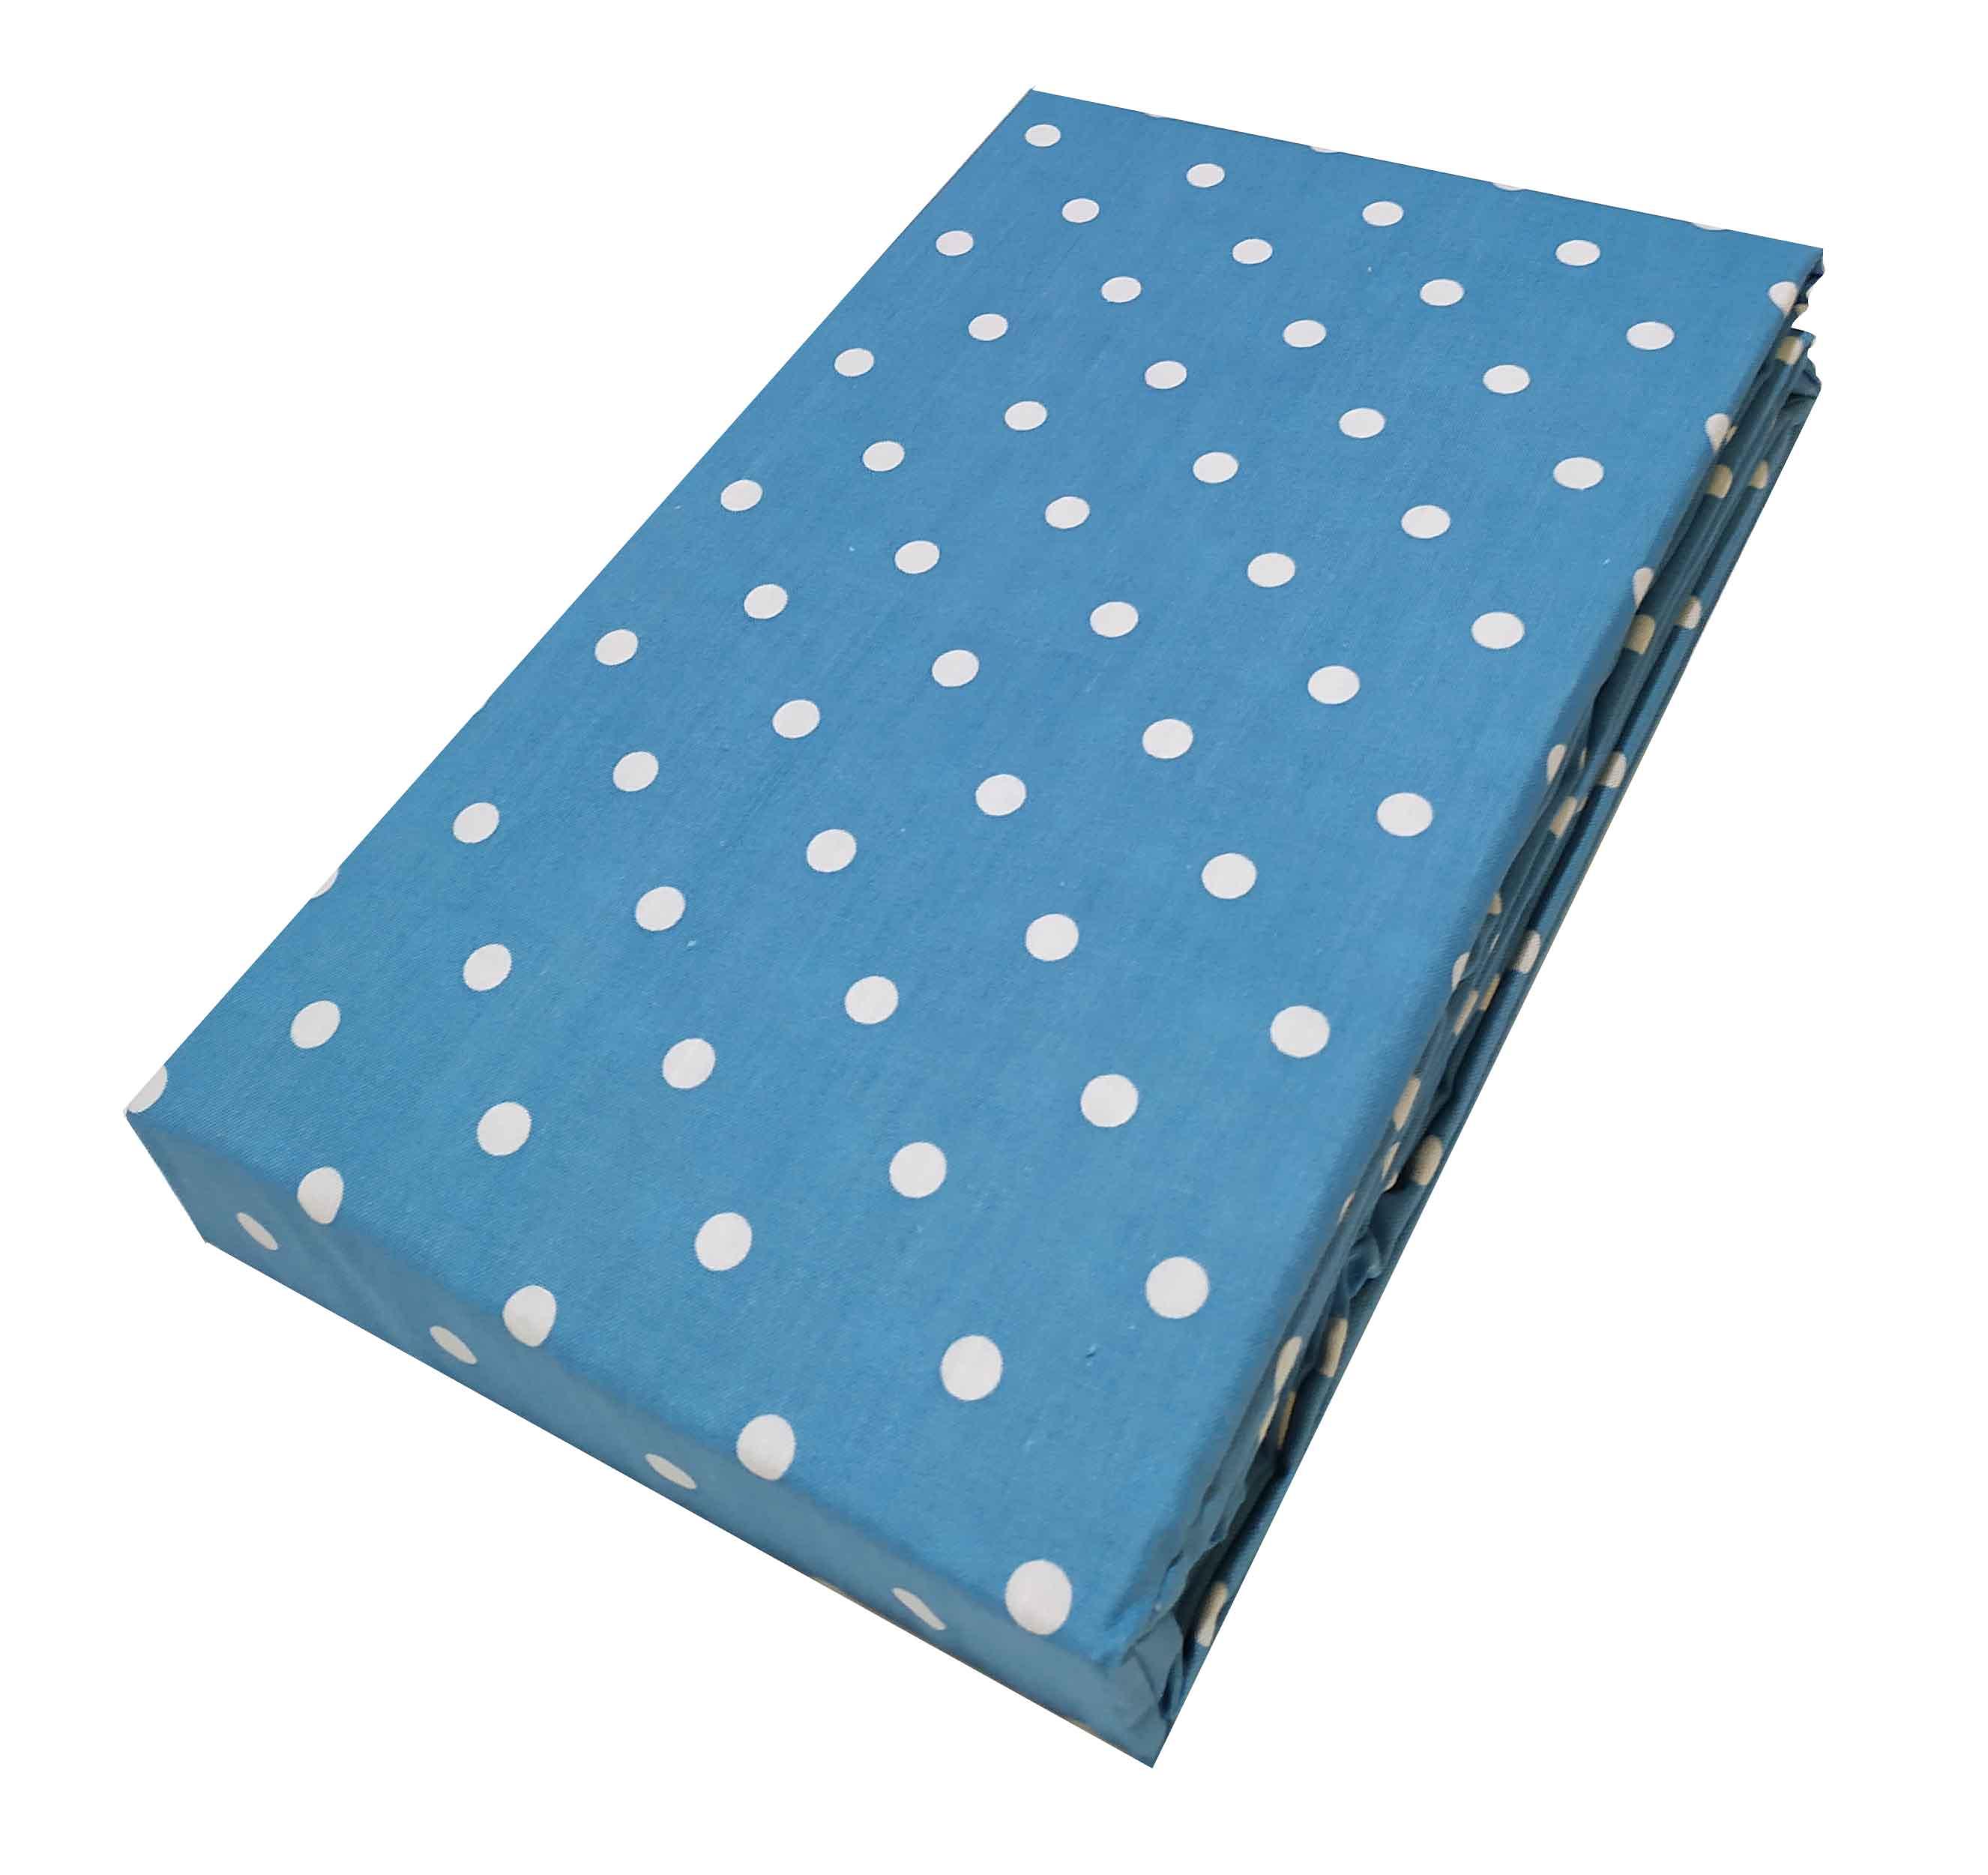 Ζεύγος Mαξιλαροθήκες ΚΟΜΒΟΣ Cotton Line Printed Dots Light Blue  50x70 - 7000139-14